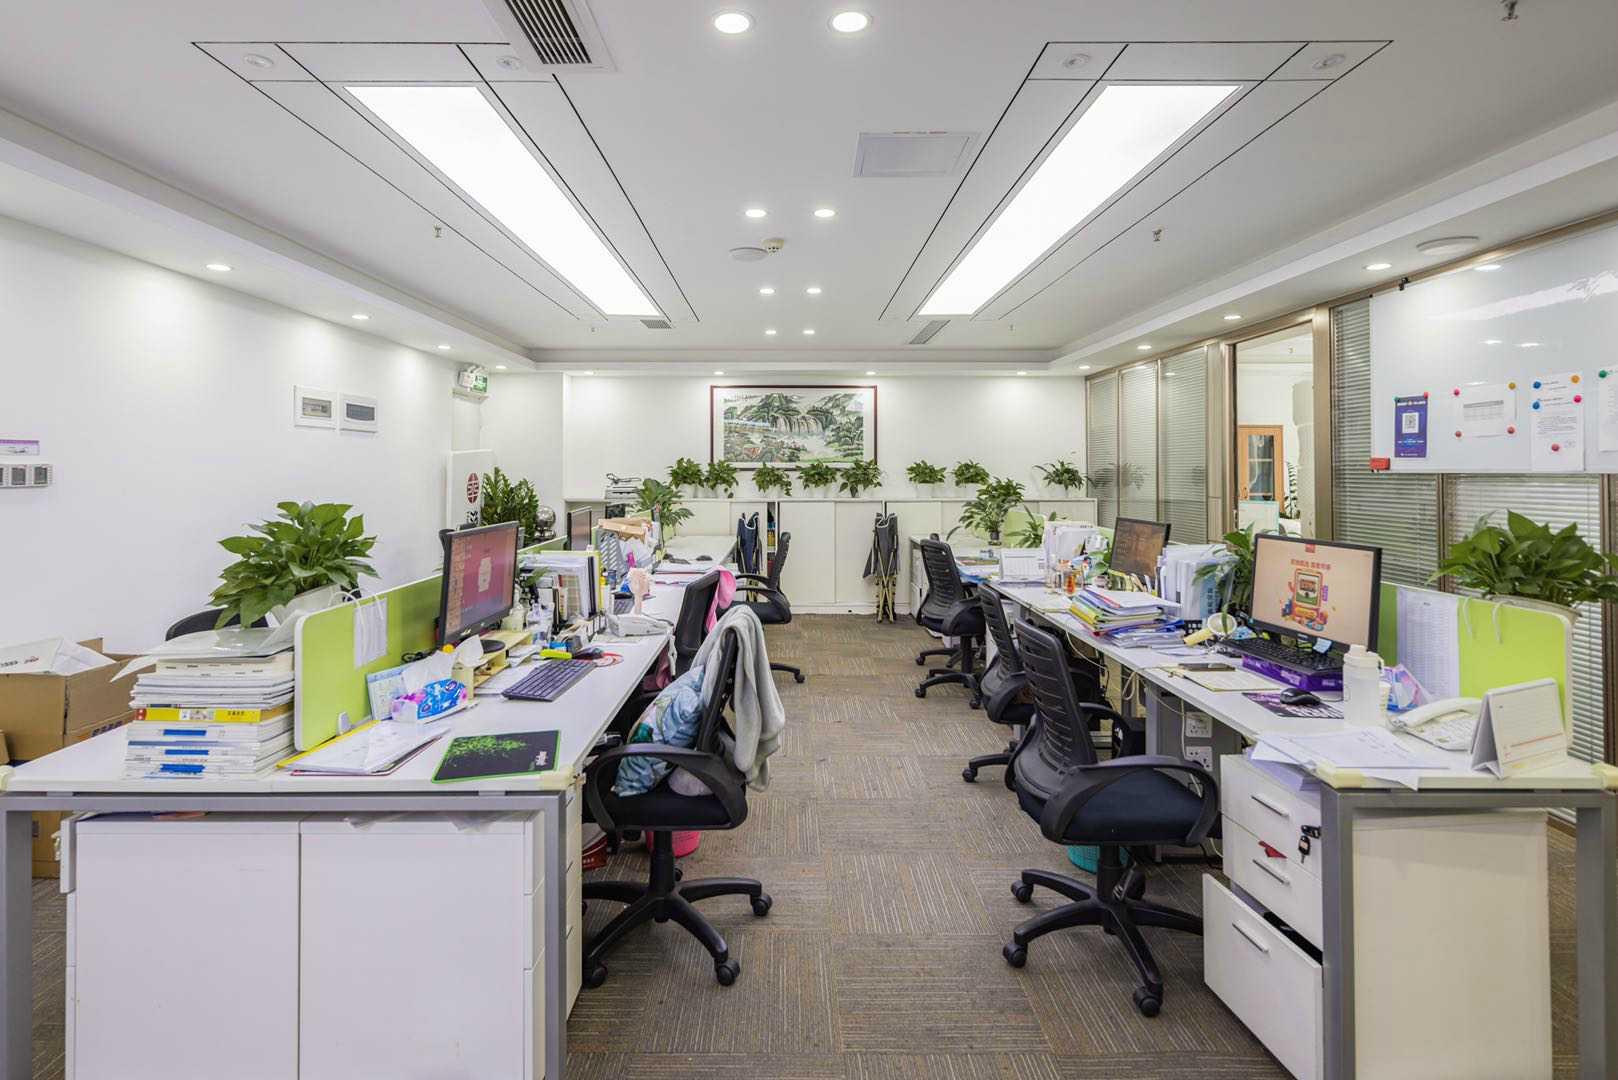 广州甲级写字楼首季租赁成交翻番,史上最高!这些行业撑市